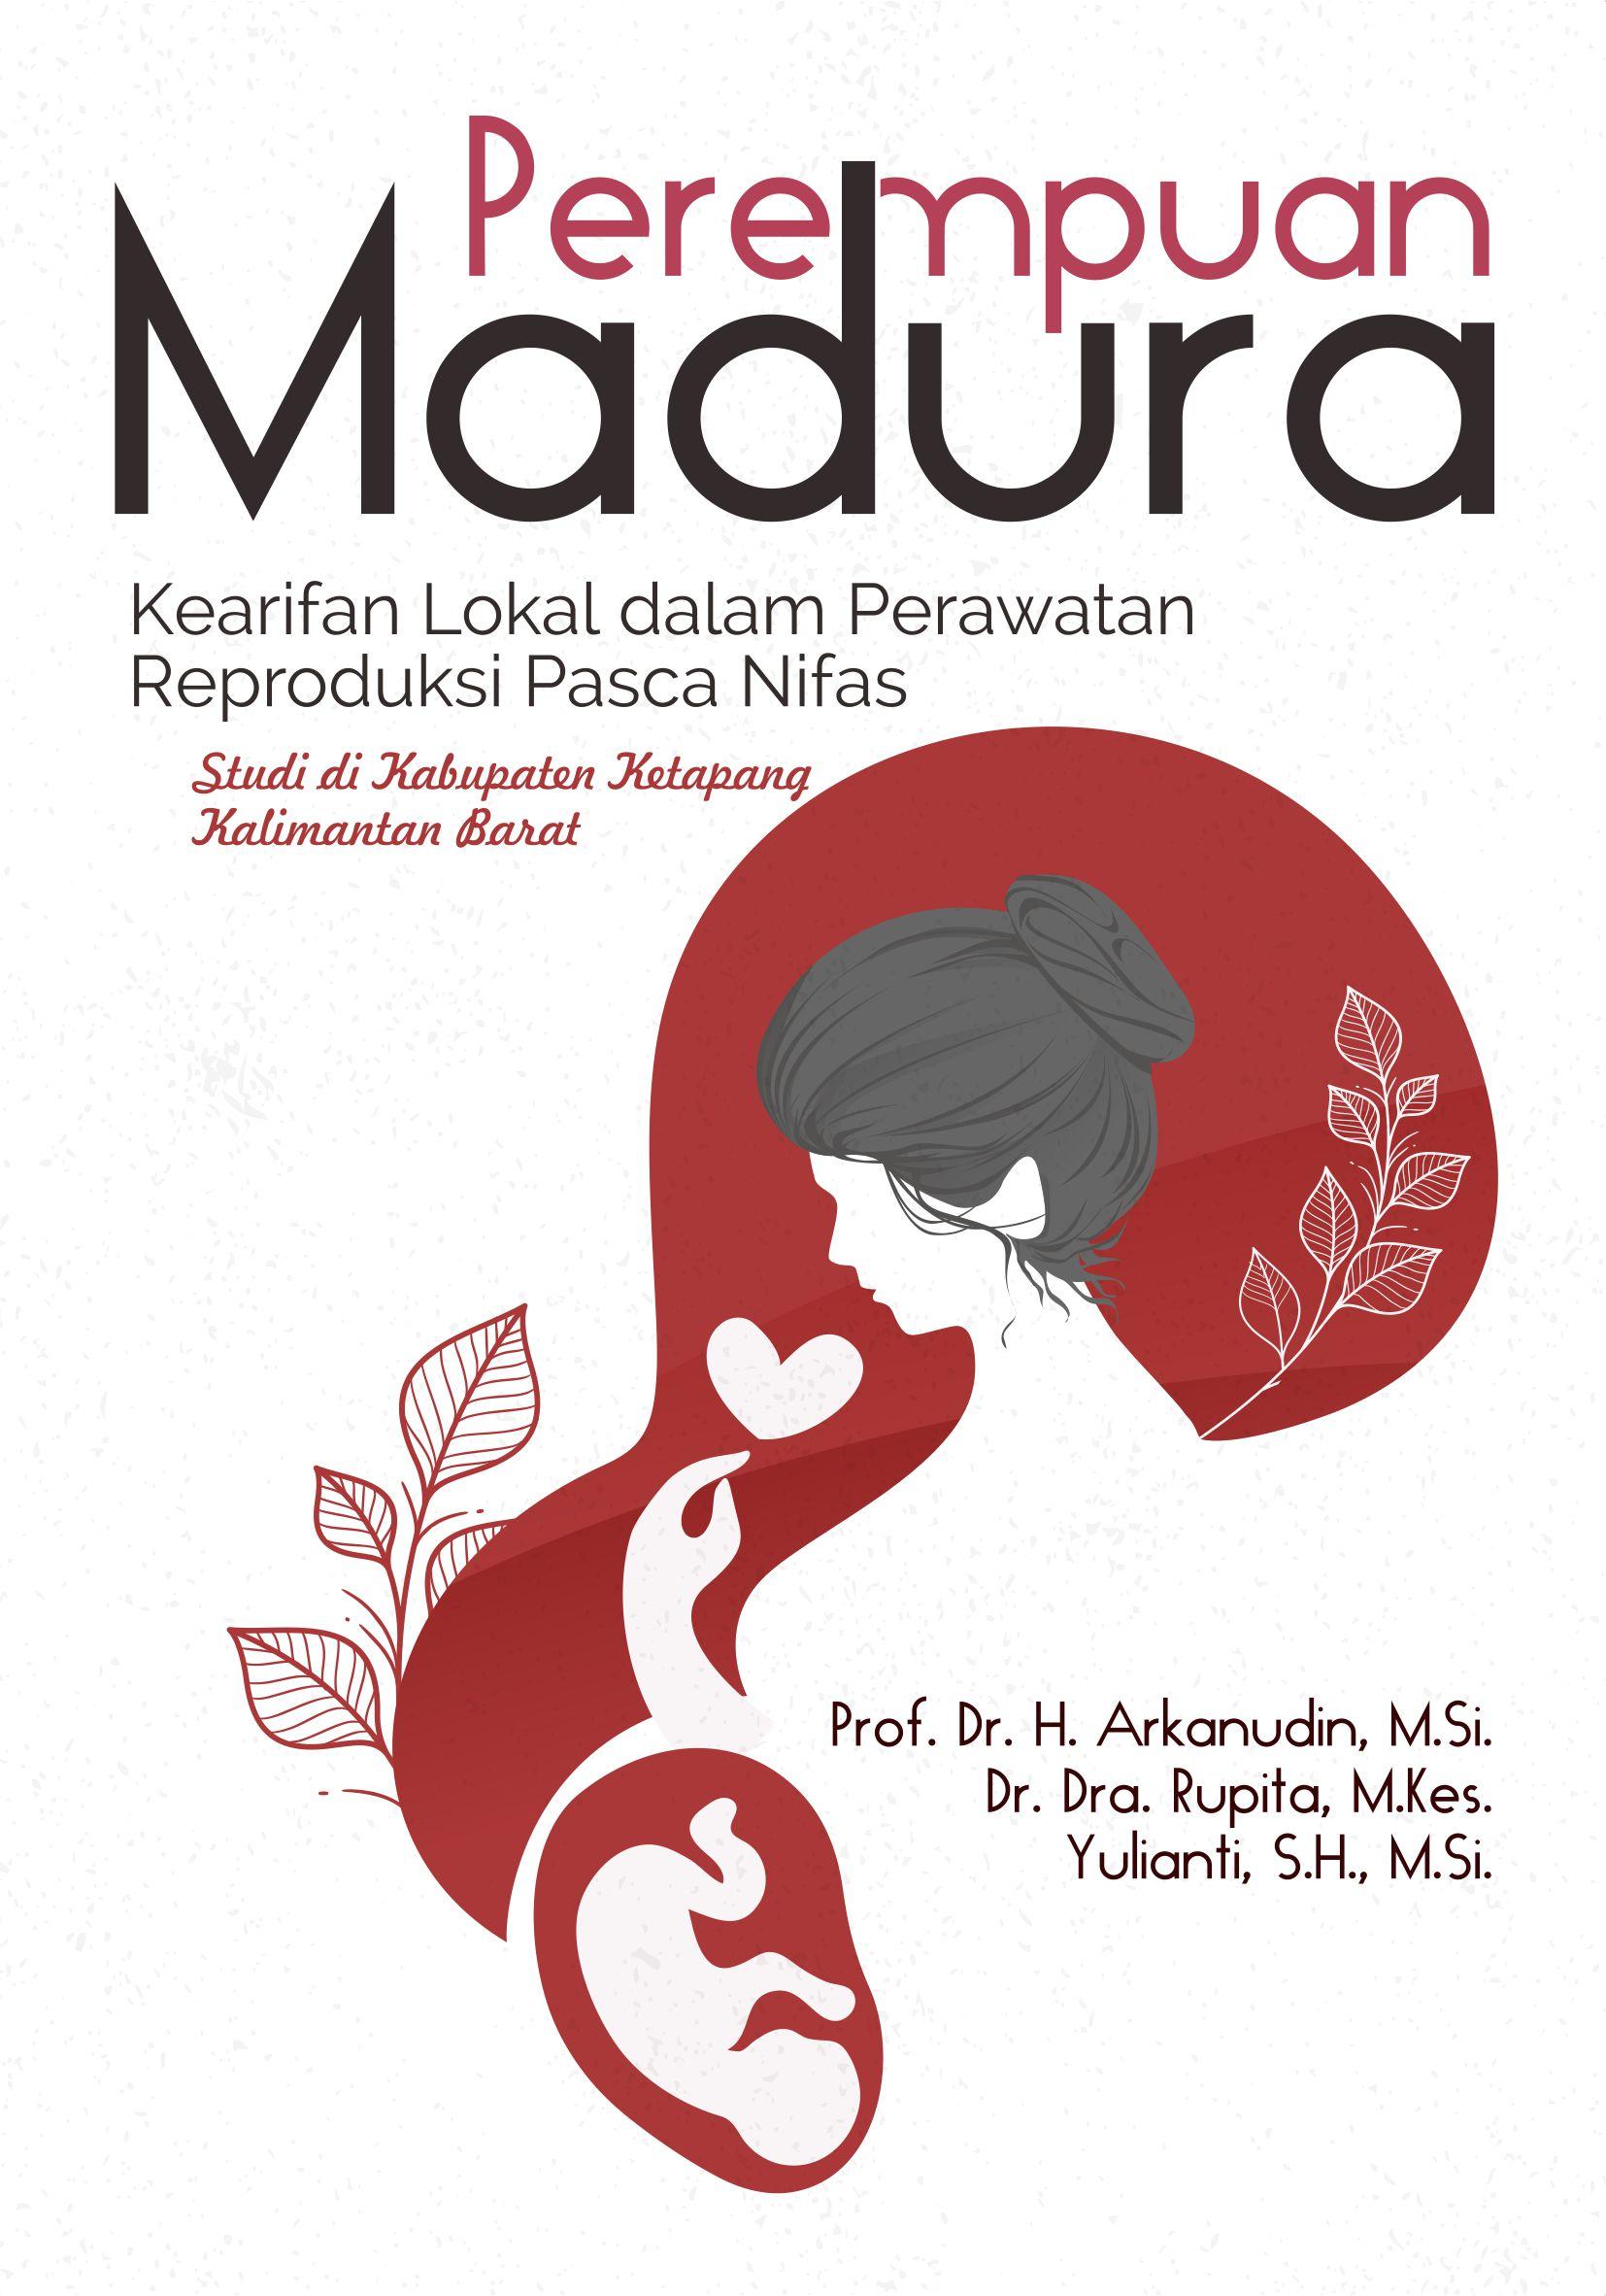 Perempuan Madura [sumber elektronis] : kearifan lokal dalam perawatan reproduksi pasca nifas (studi di Kabupaten Ketapang Kalimantan Barat)